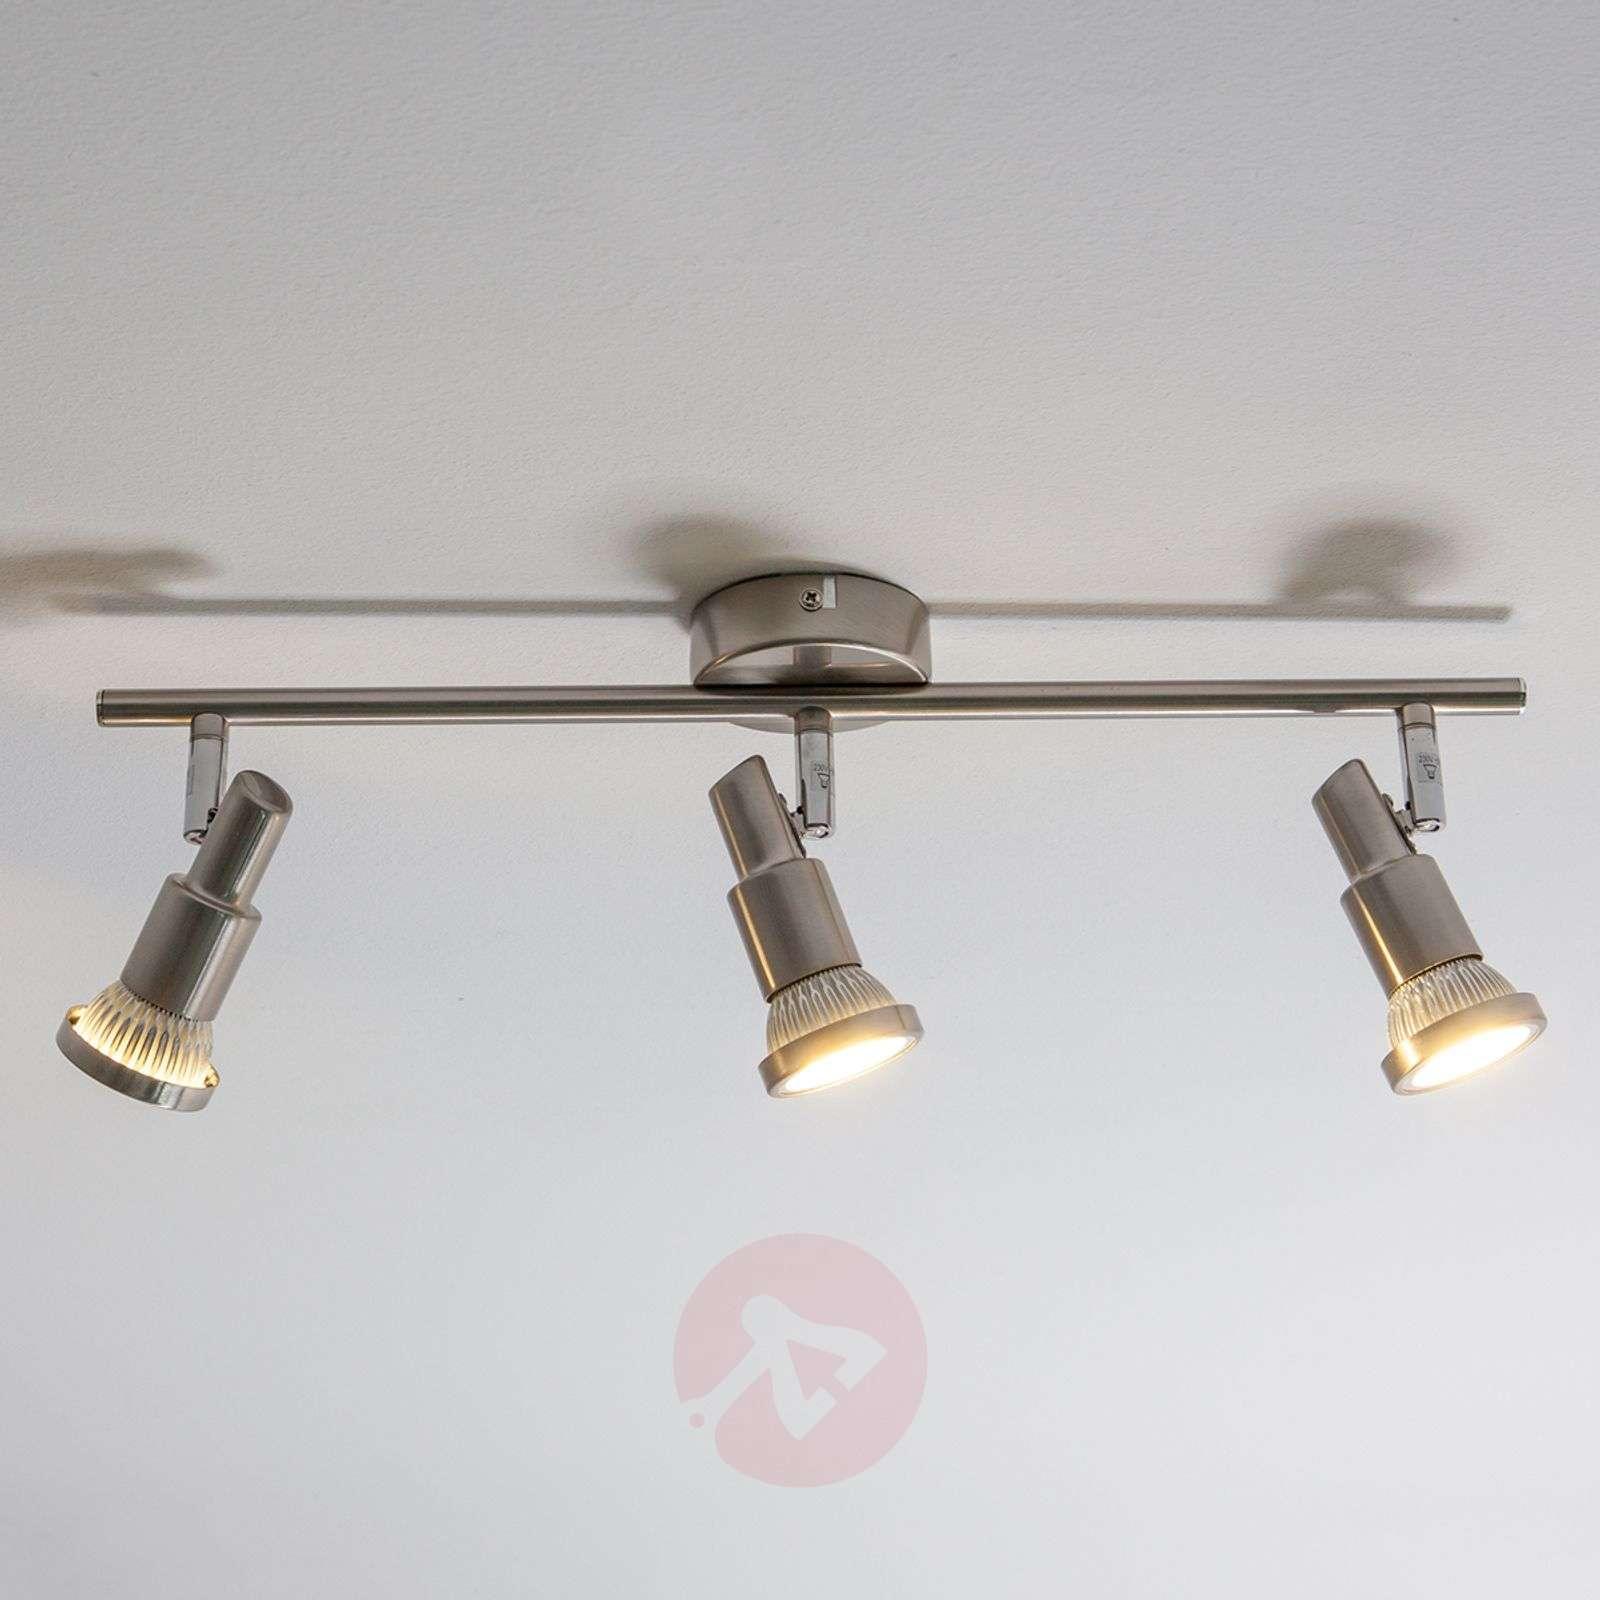 3 bulb light fixture led track lighting skinny 3bulb ceiling light aron995032101 aron lightsie